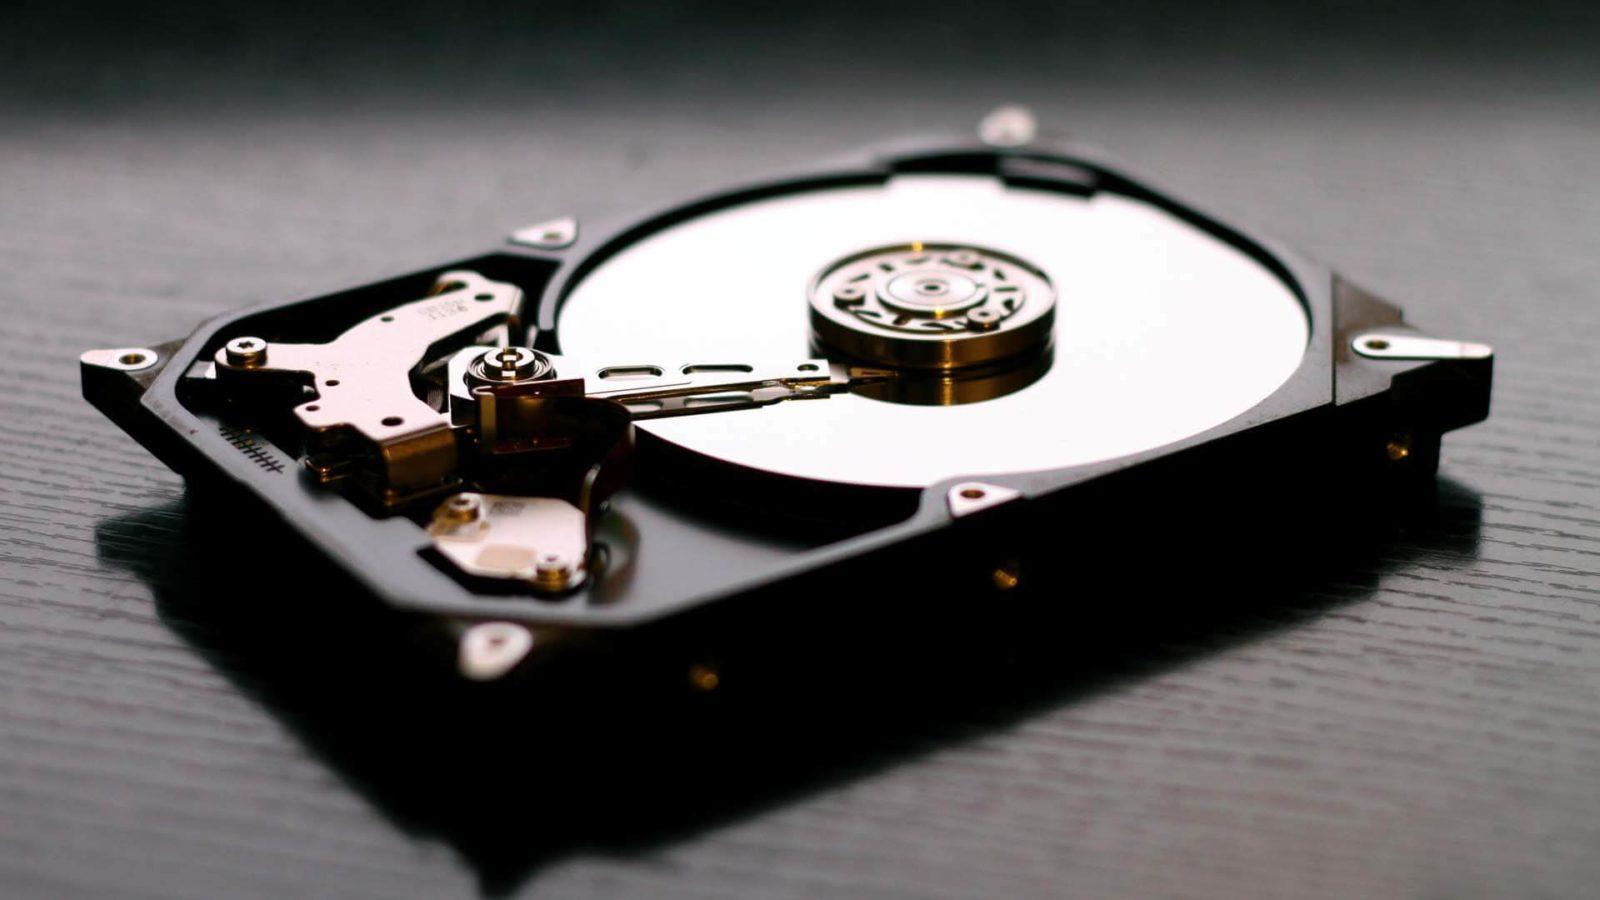 Майнинг жестким диском: сколько и как можно заработать